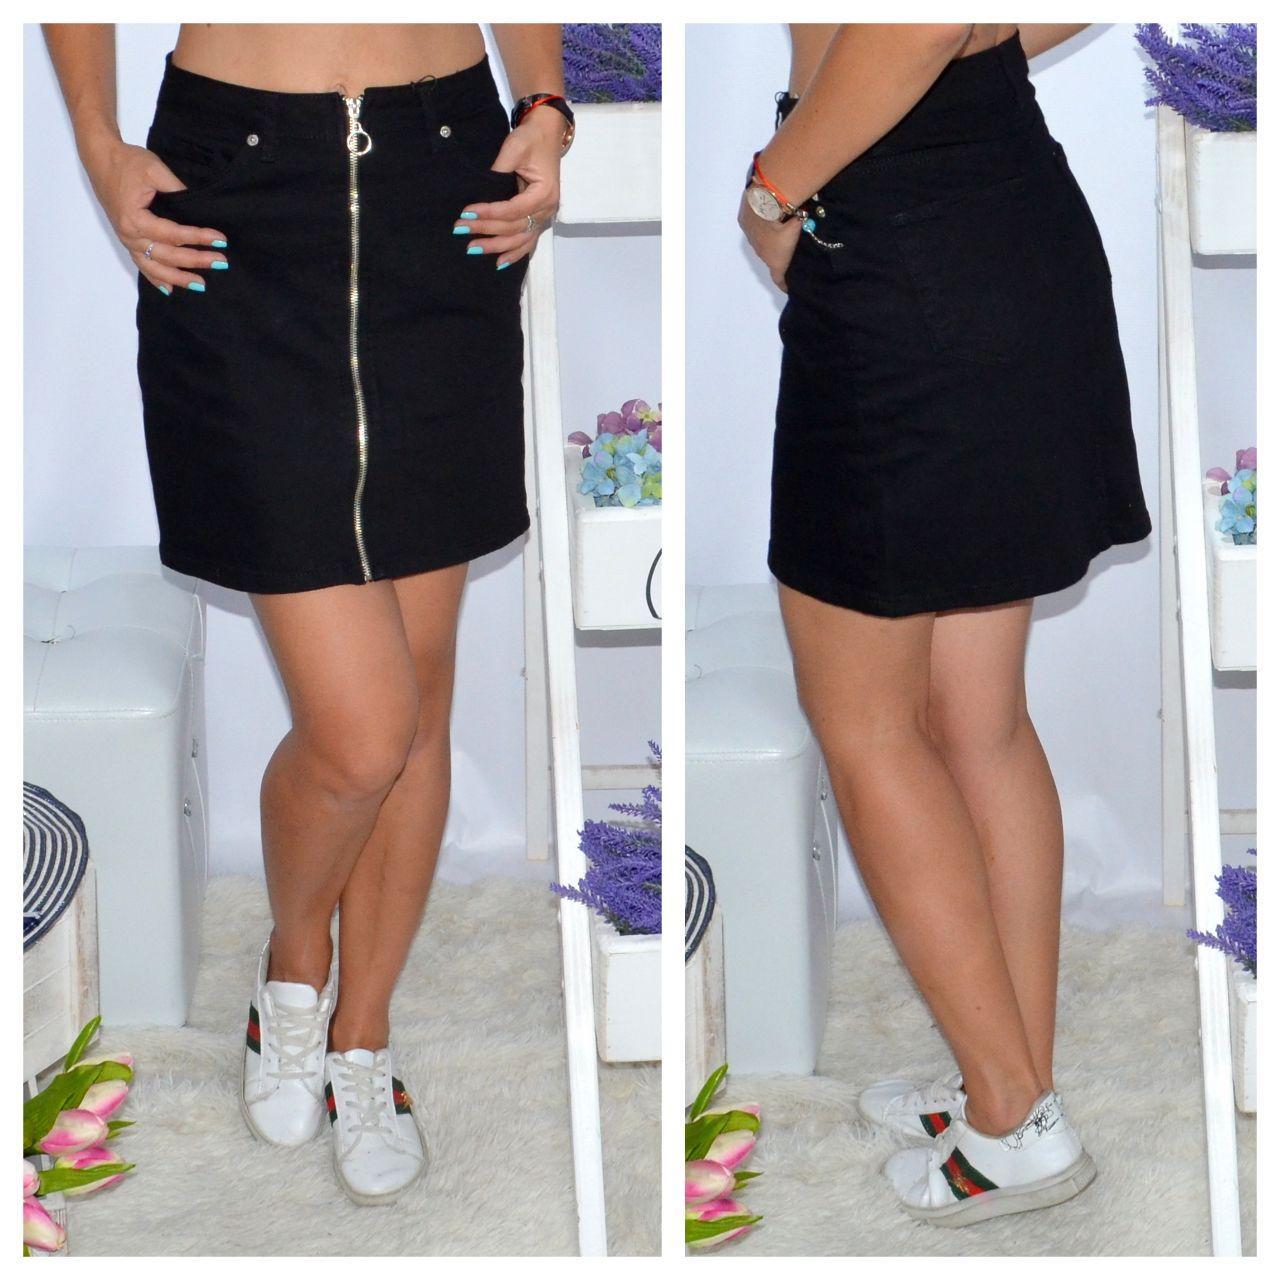 Джинсовые юбки юбка-трапеция оптом от производителя Турция